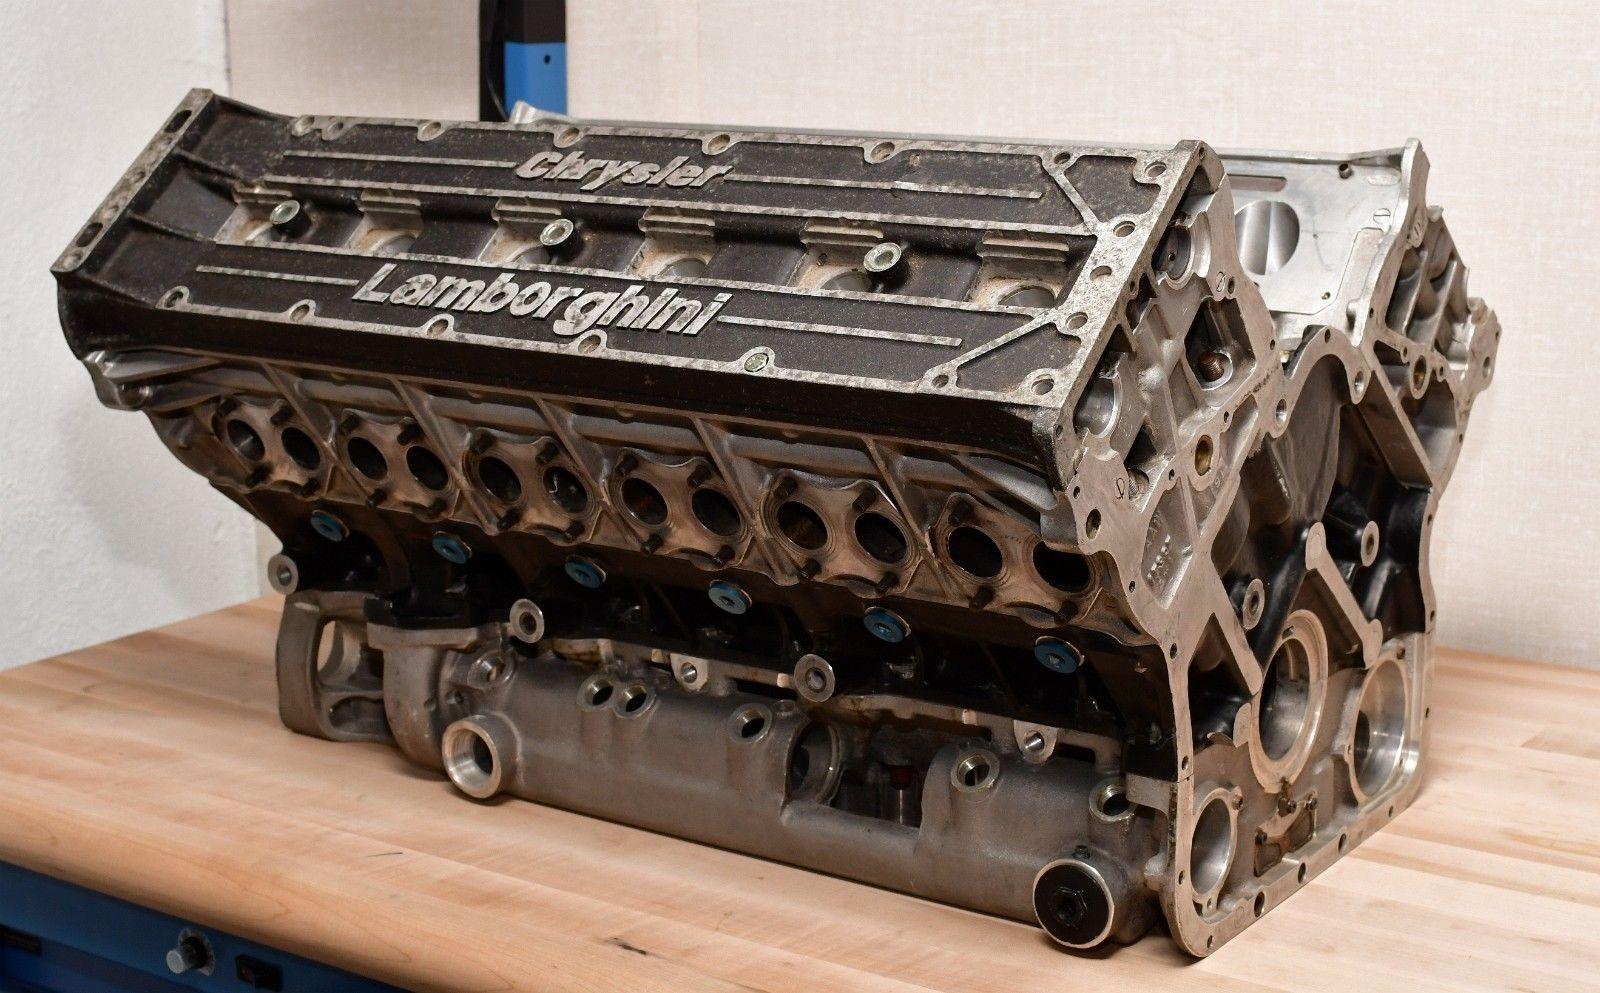 BangShift com Blown Up, Empty, Crappy Lamborghini F1 V12 racing